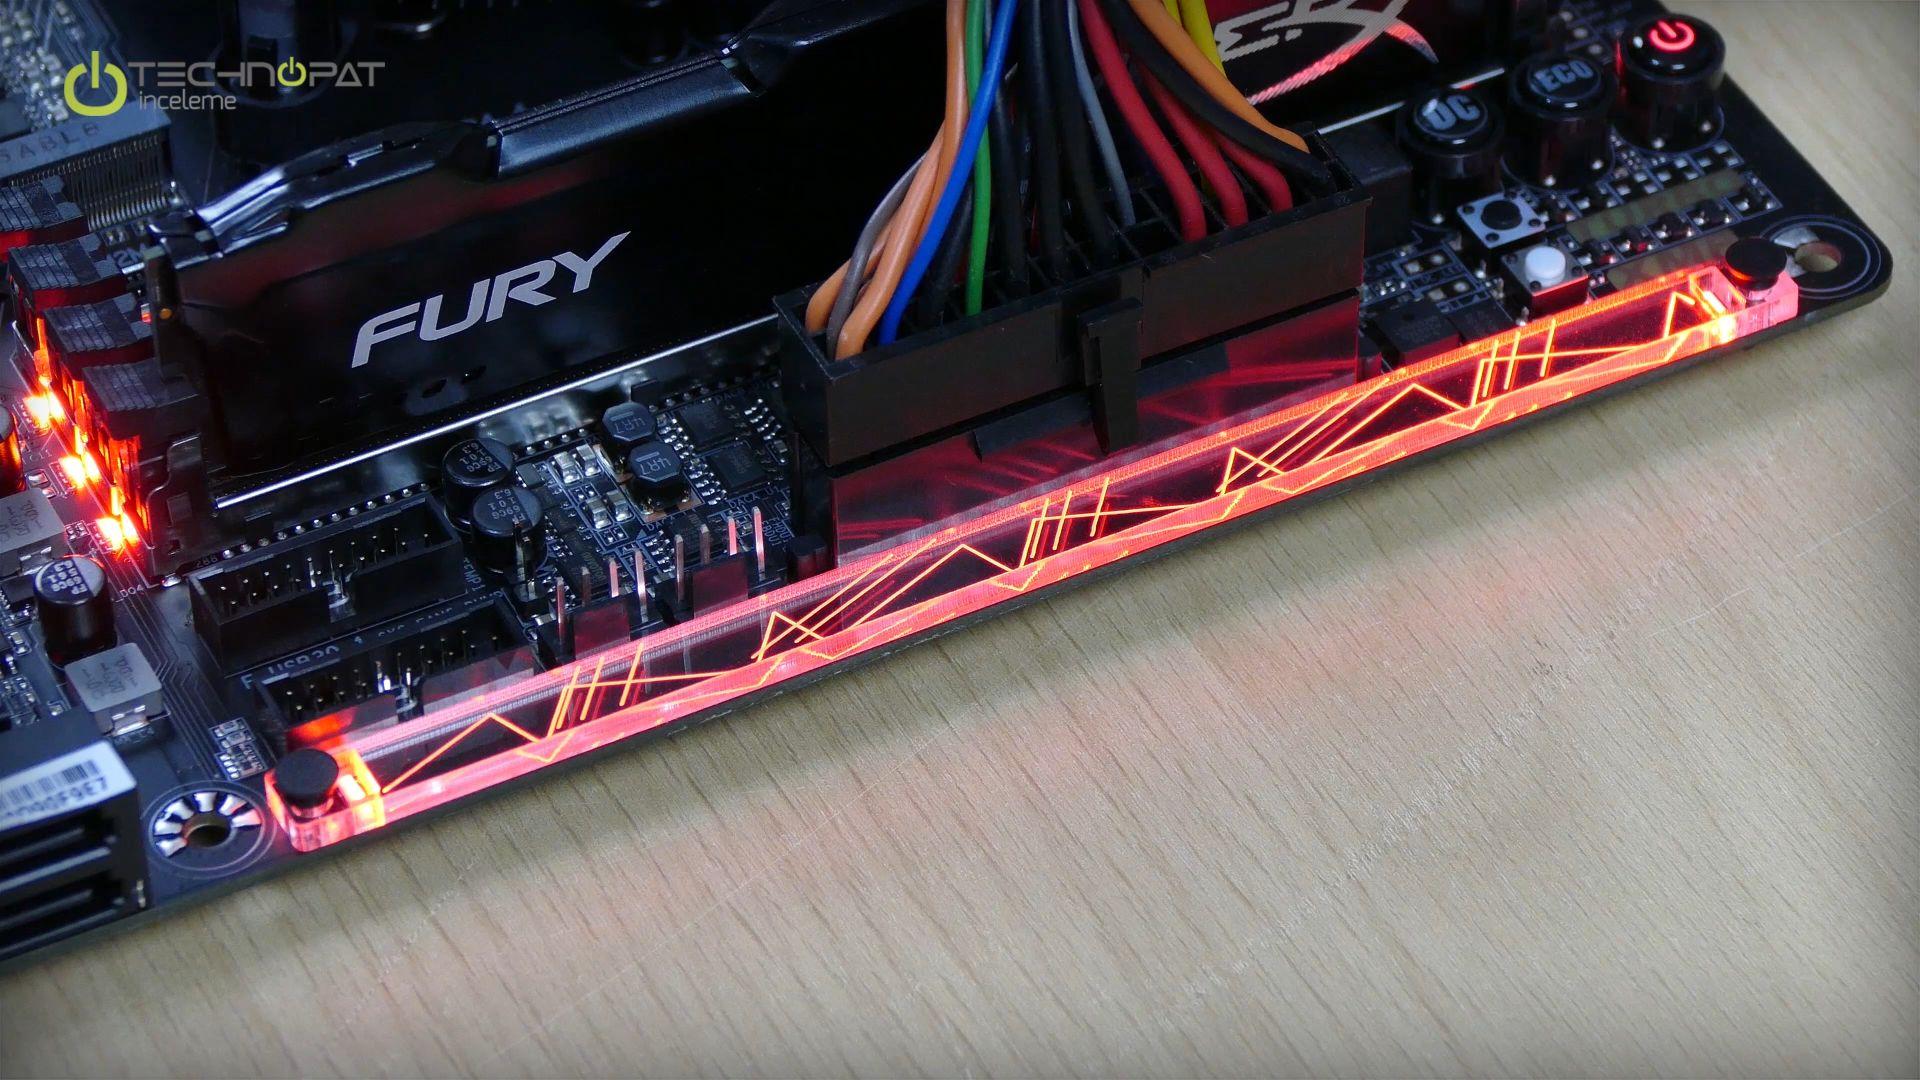 Gigabyte Z270x Gaming 7 Ncelemesi Technopat Gaz270x 9 Socket 1151 Kaby Lake Gigabyten